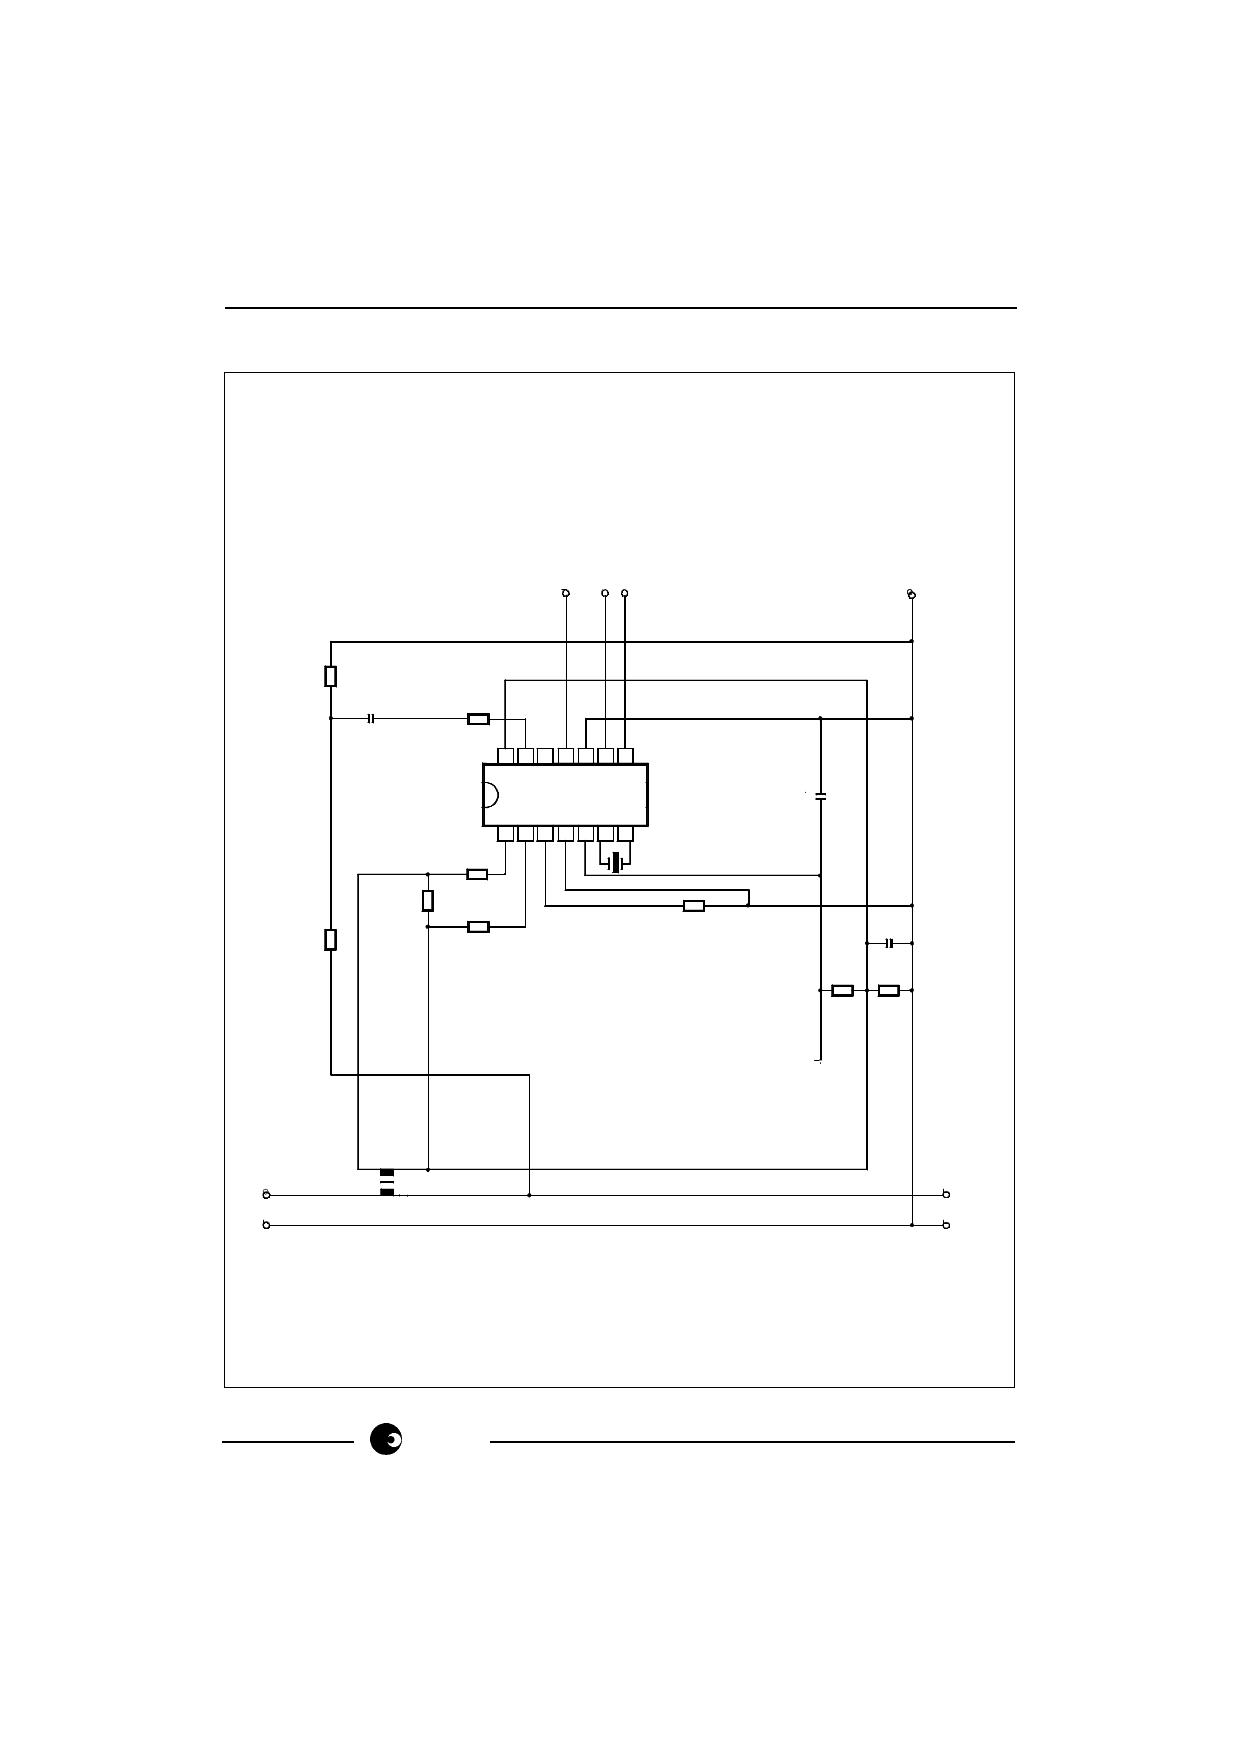 SA9602HSA arduino